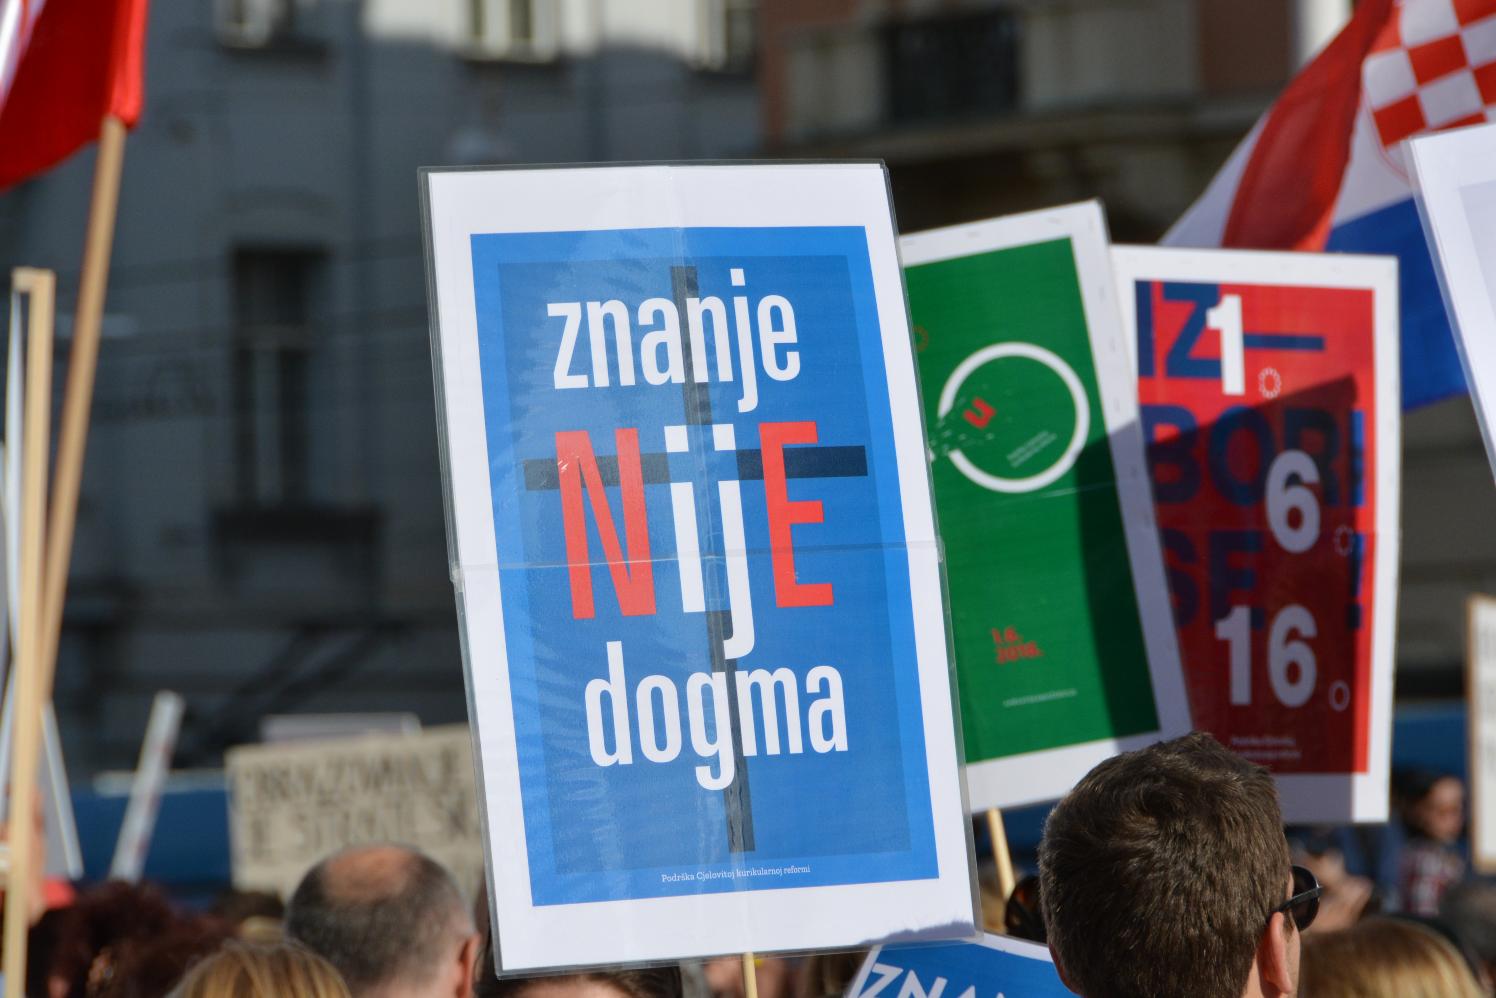 Platforma Zagreb je NAŠ! pridružuje se današnjem prosvjedu za nastavak obrazovne reforme